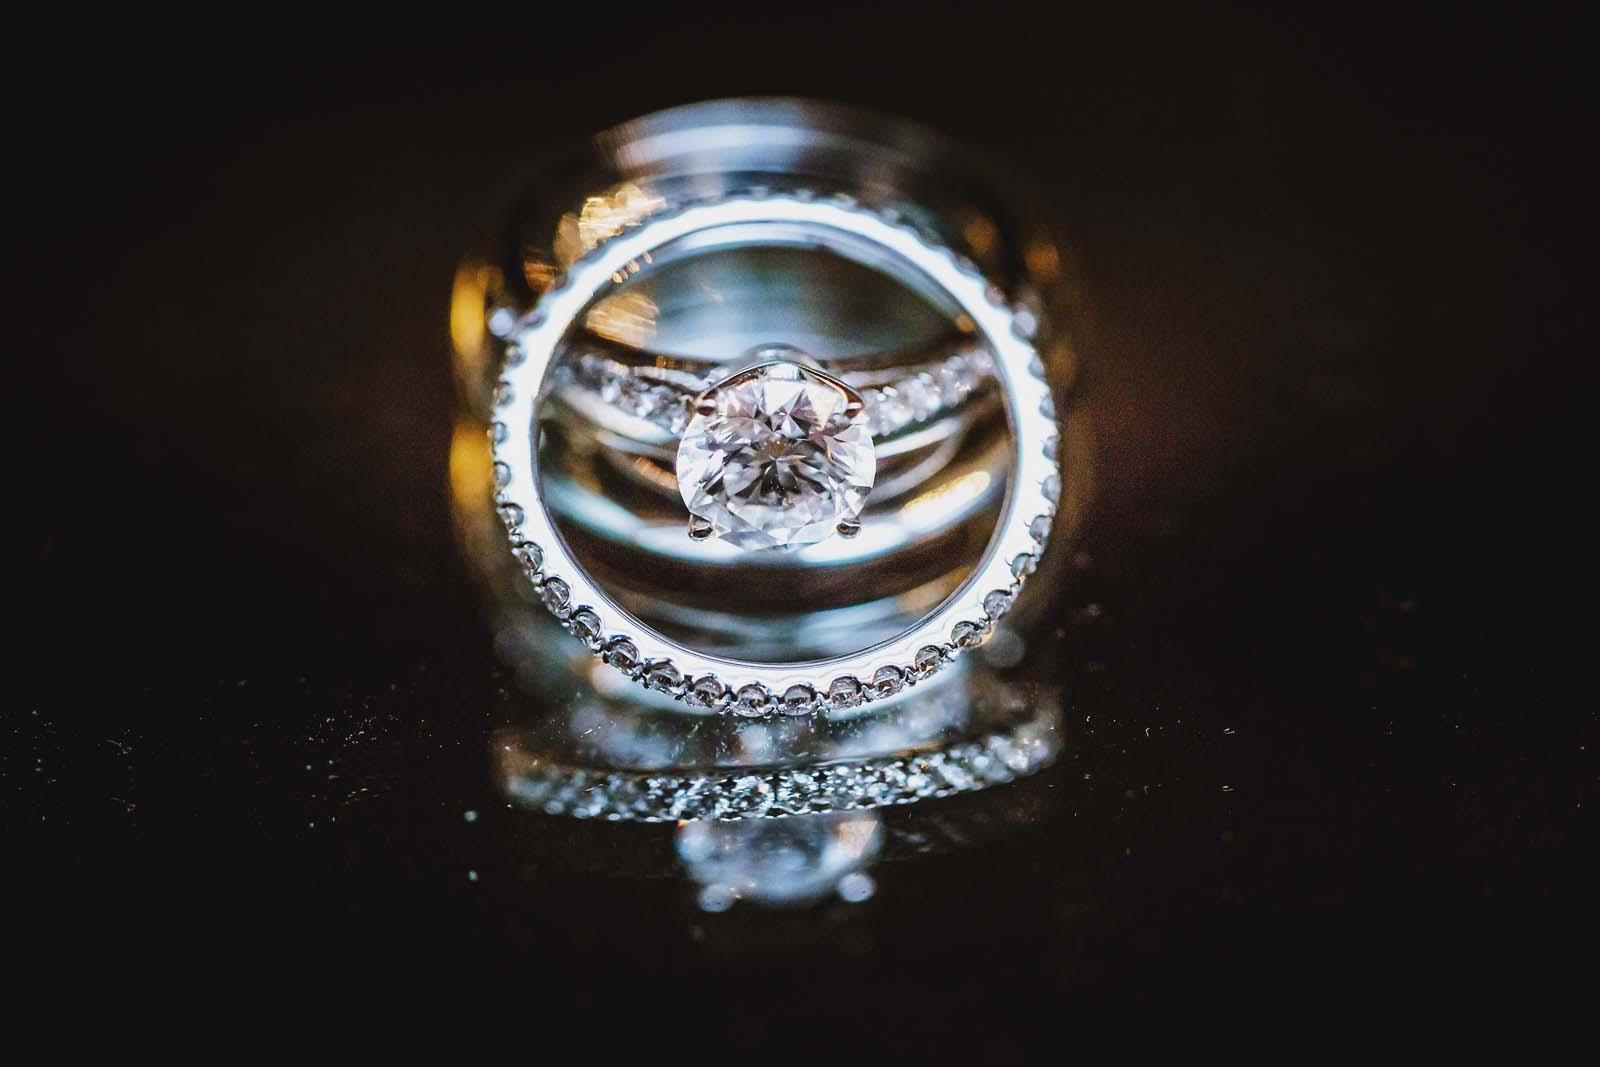 Detailfoto der Ringe vom professionellem Hochzeitsfotograf Copyright by Hochzeitsfotograf www.berliner-hochzeitsfotografie.de